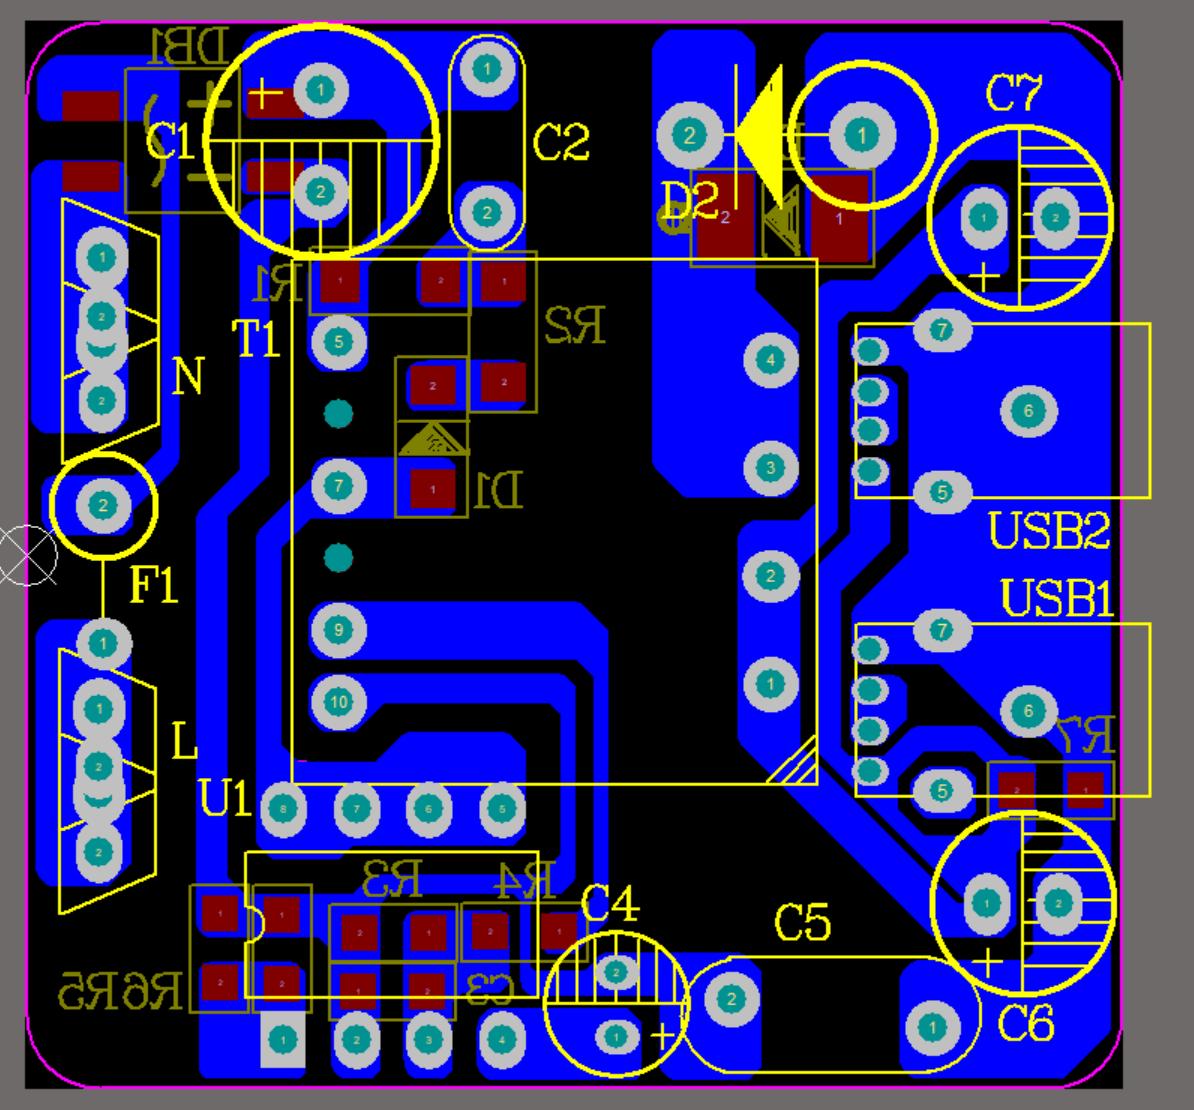 5V2A DK912 双USB非标 限流方案